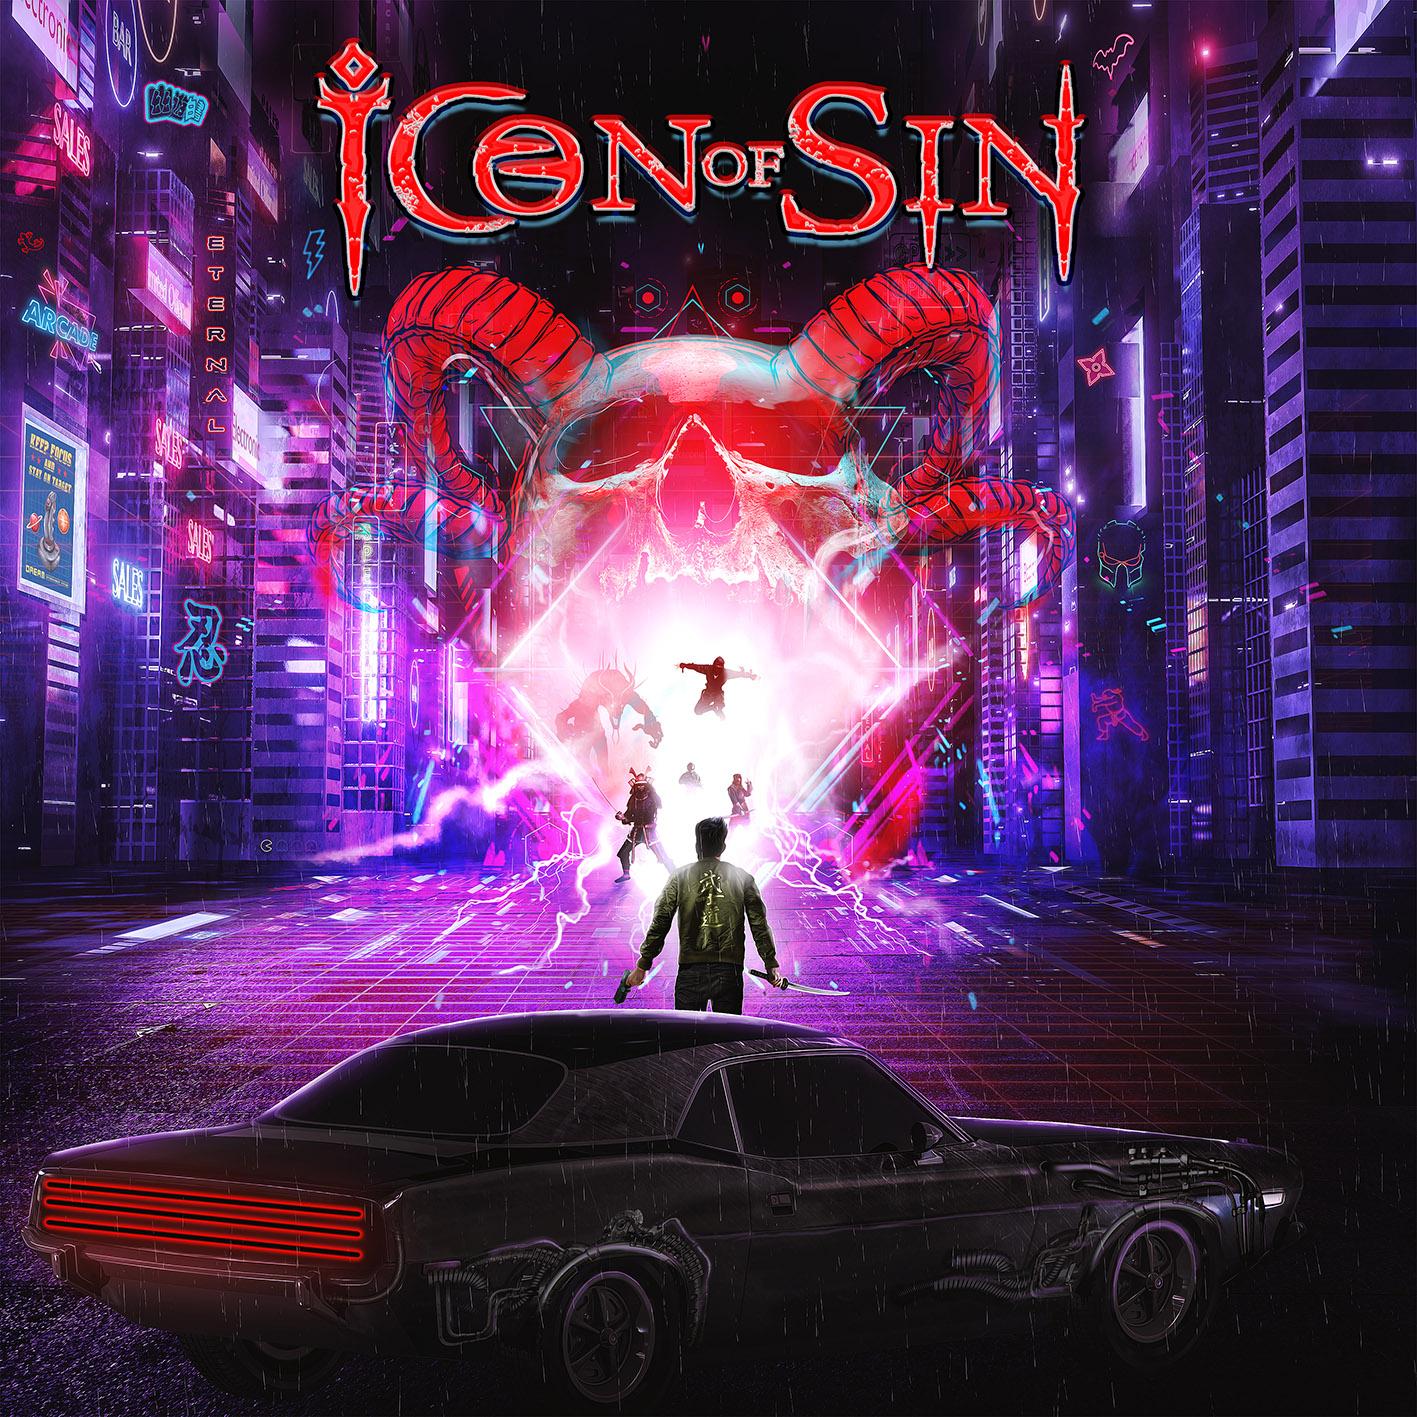 icon-of-sin-hat-bruce-dickinson-iron-maiden-verlassen-bandvorstellung-und-album-release-zum-debut